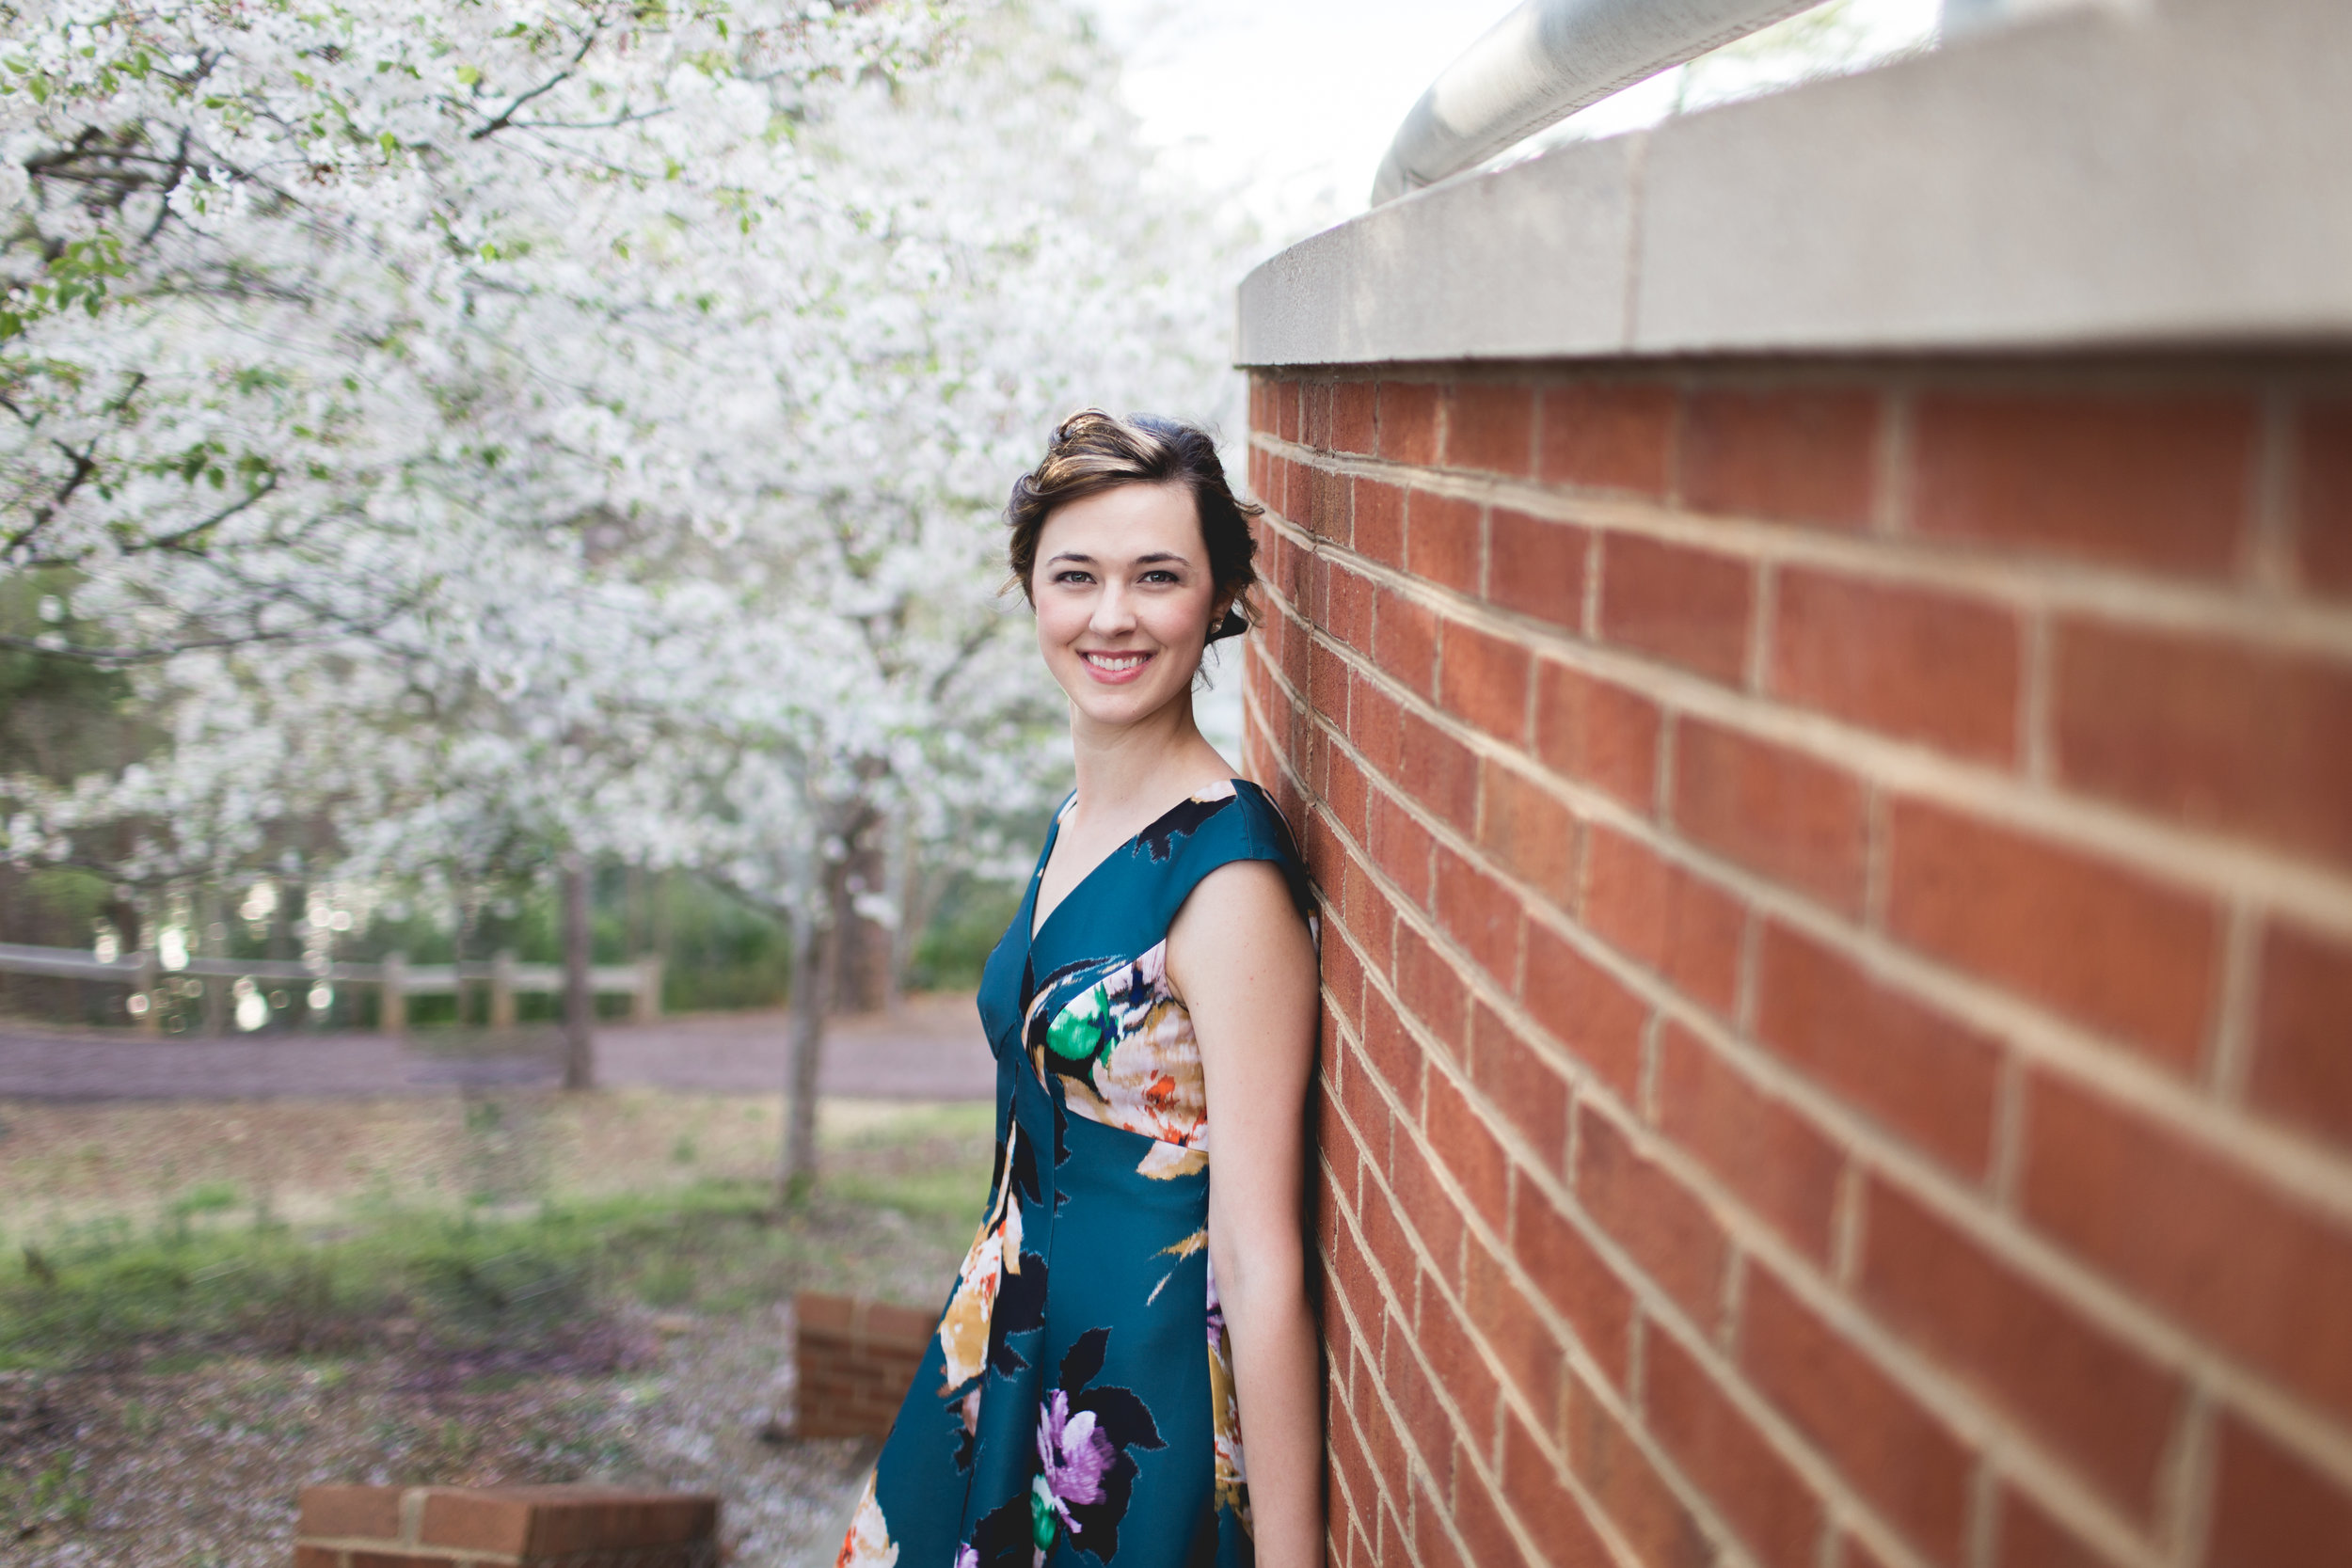 Jenna_UNCC_Grad_JCP-109.jpg